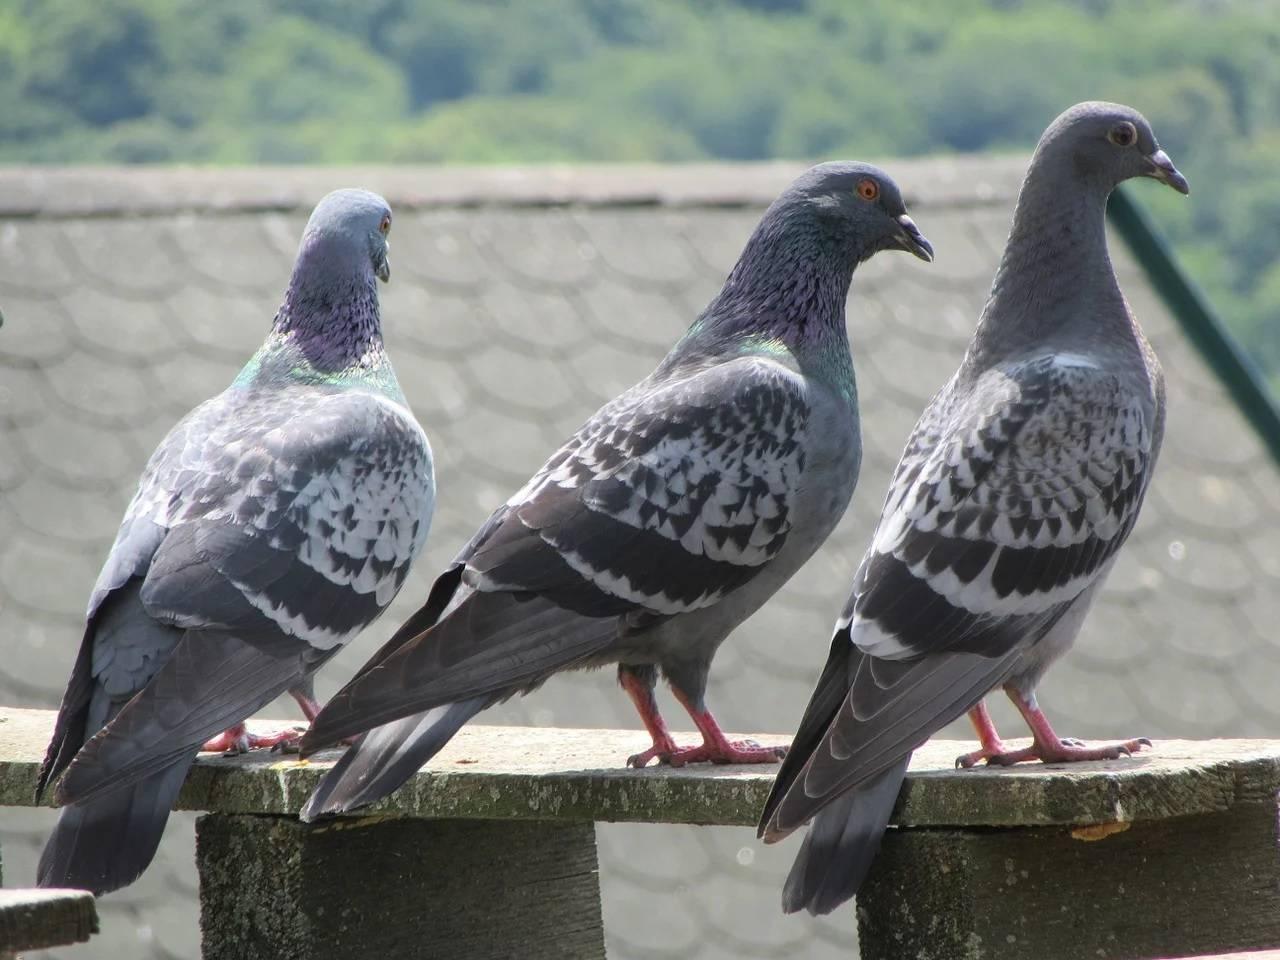 Какие инфекции и болезни переносят голуби и как от них уберечься? - всёпродачу